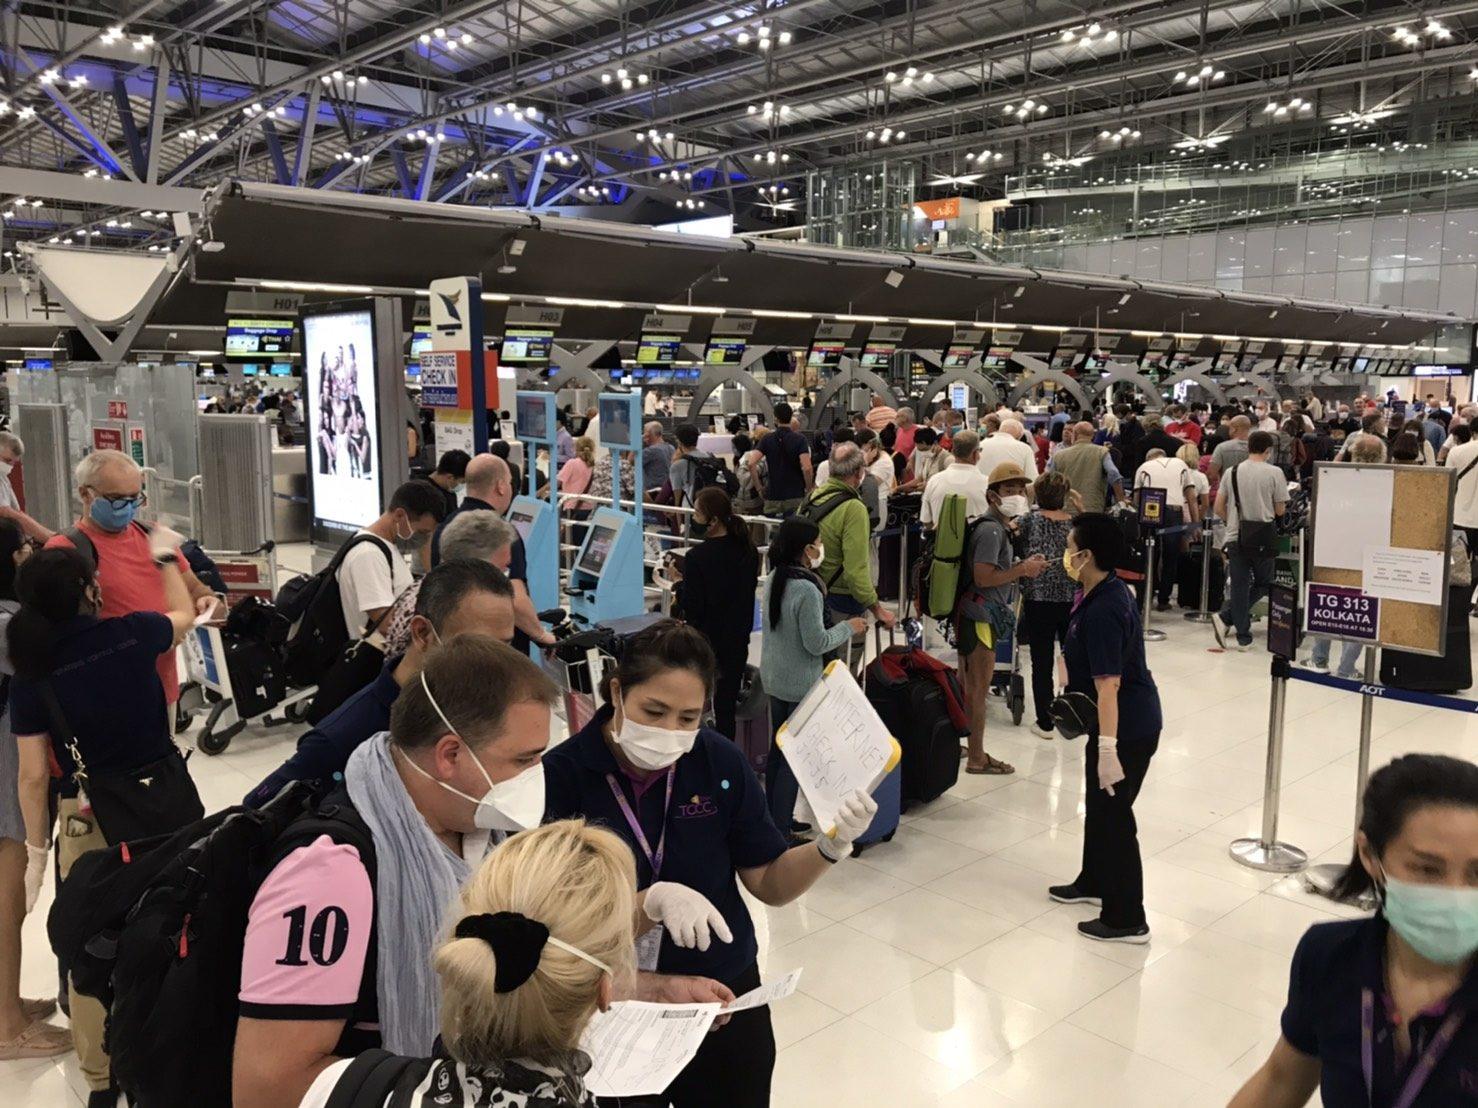 """สุดประทับใจ """"แอร์-สจ๊วต-นักบิน""""การบินไทยอาสาร่วมส่งผู้โดยสารกลับบ้าน หลังตกค้างที่สนามบินนับพัน"""